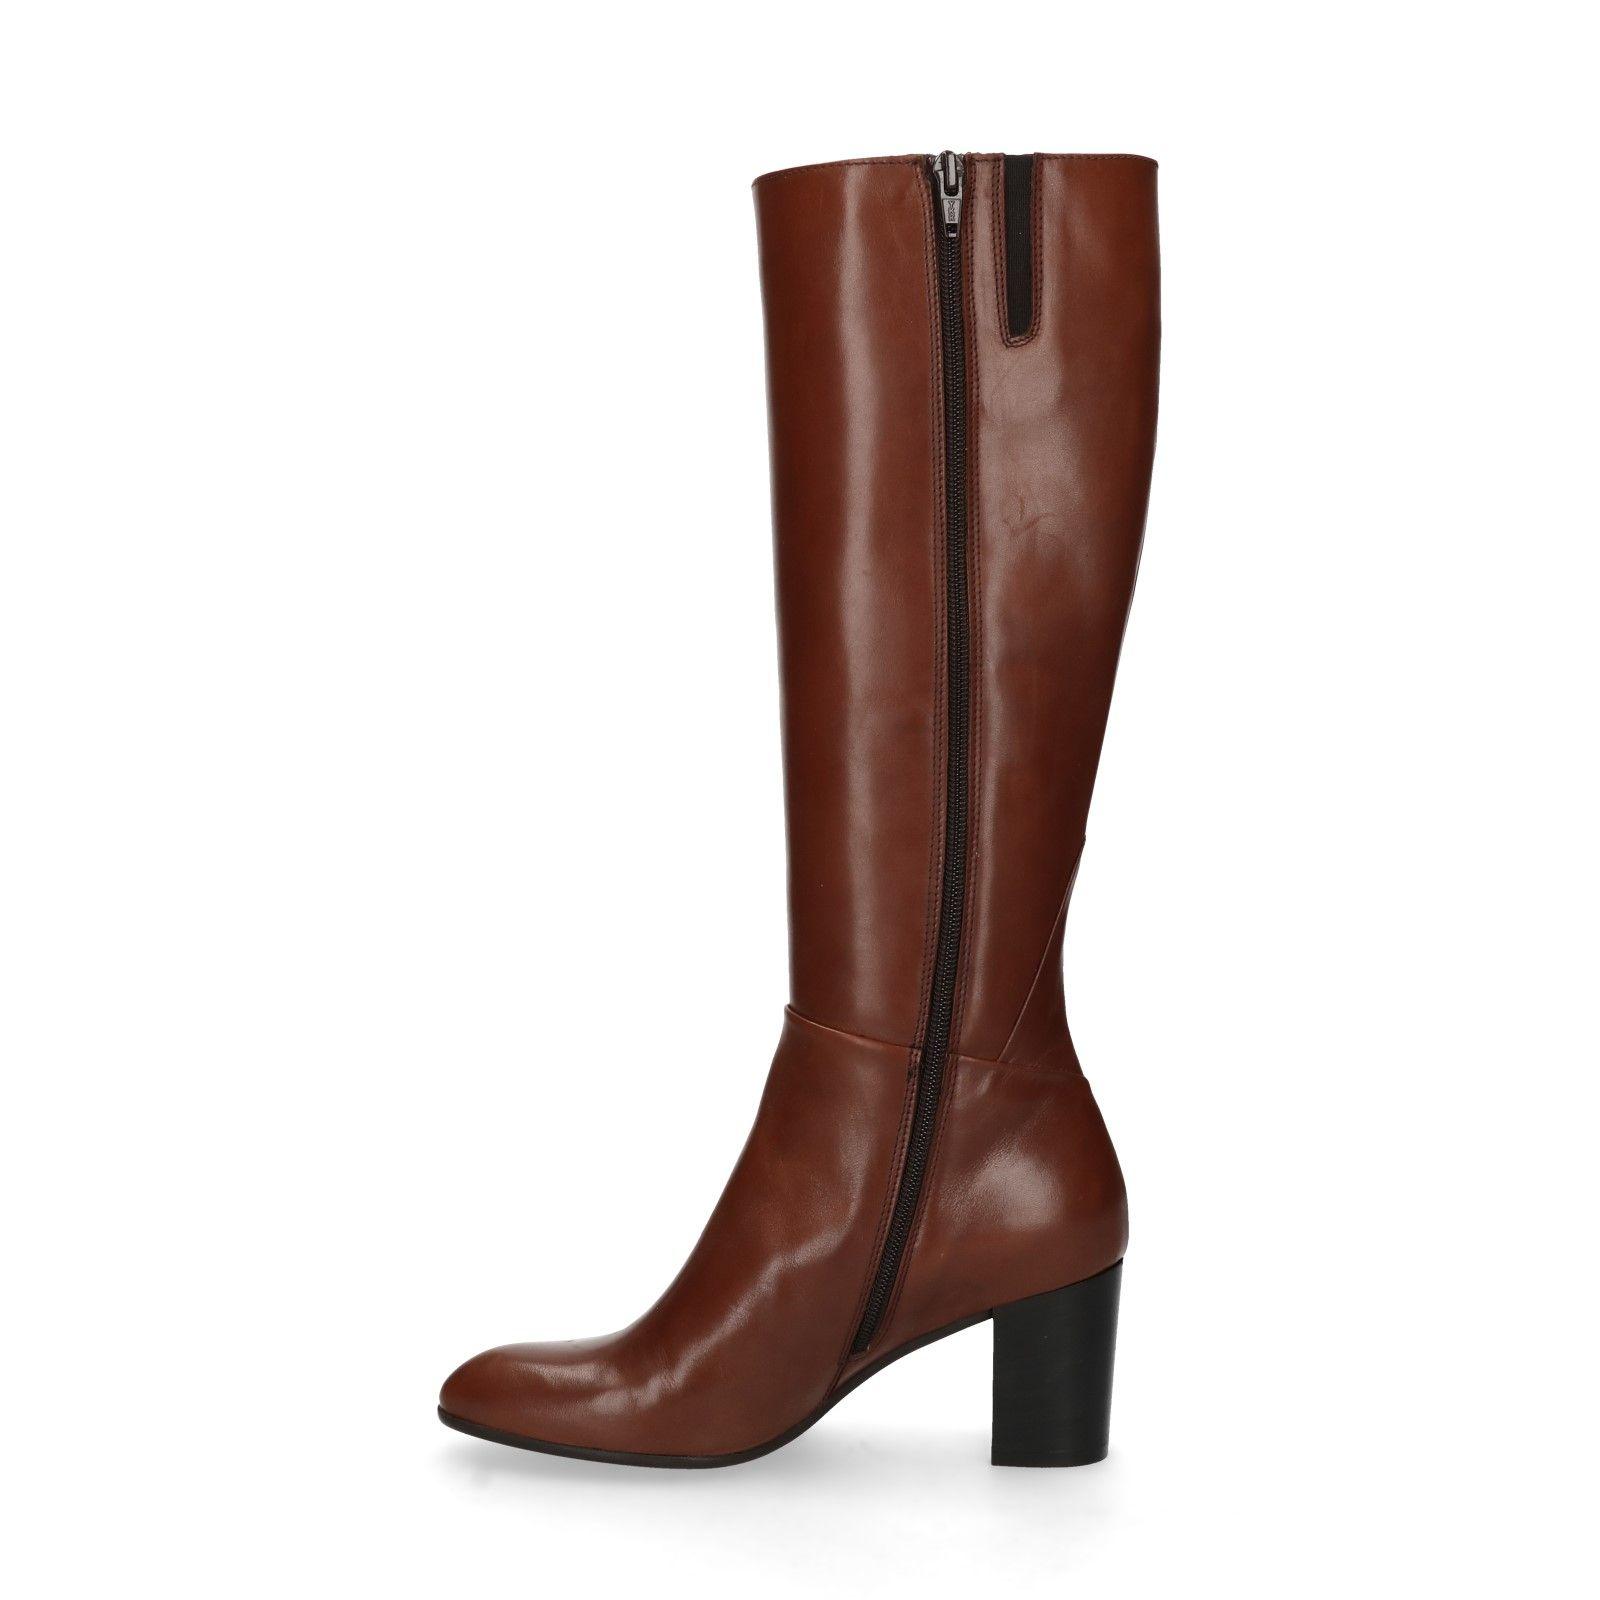 Bruine leren hoge laarzen met hak Dames | MANFIELD